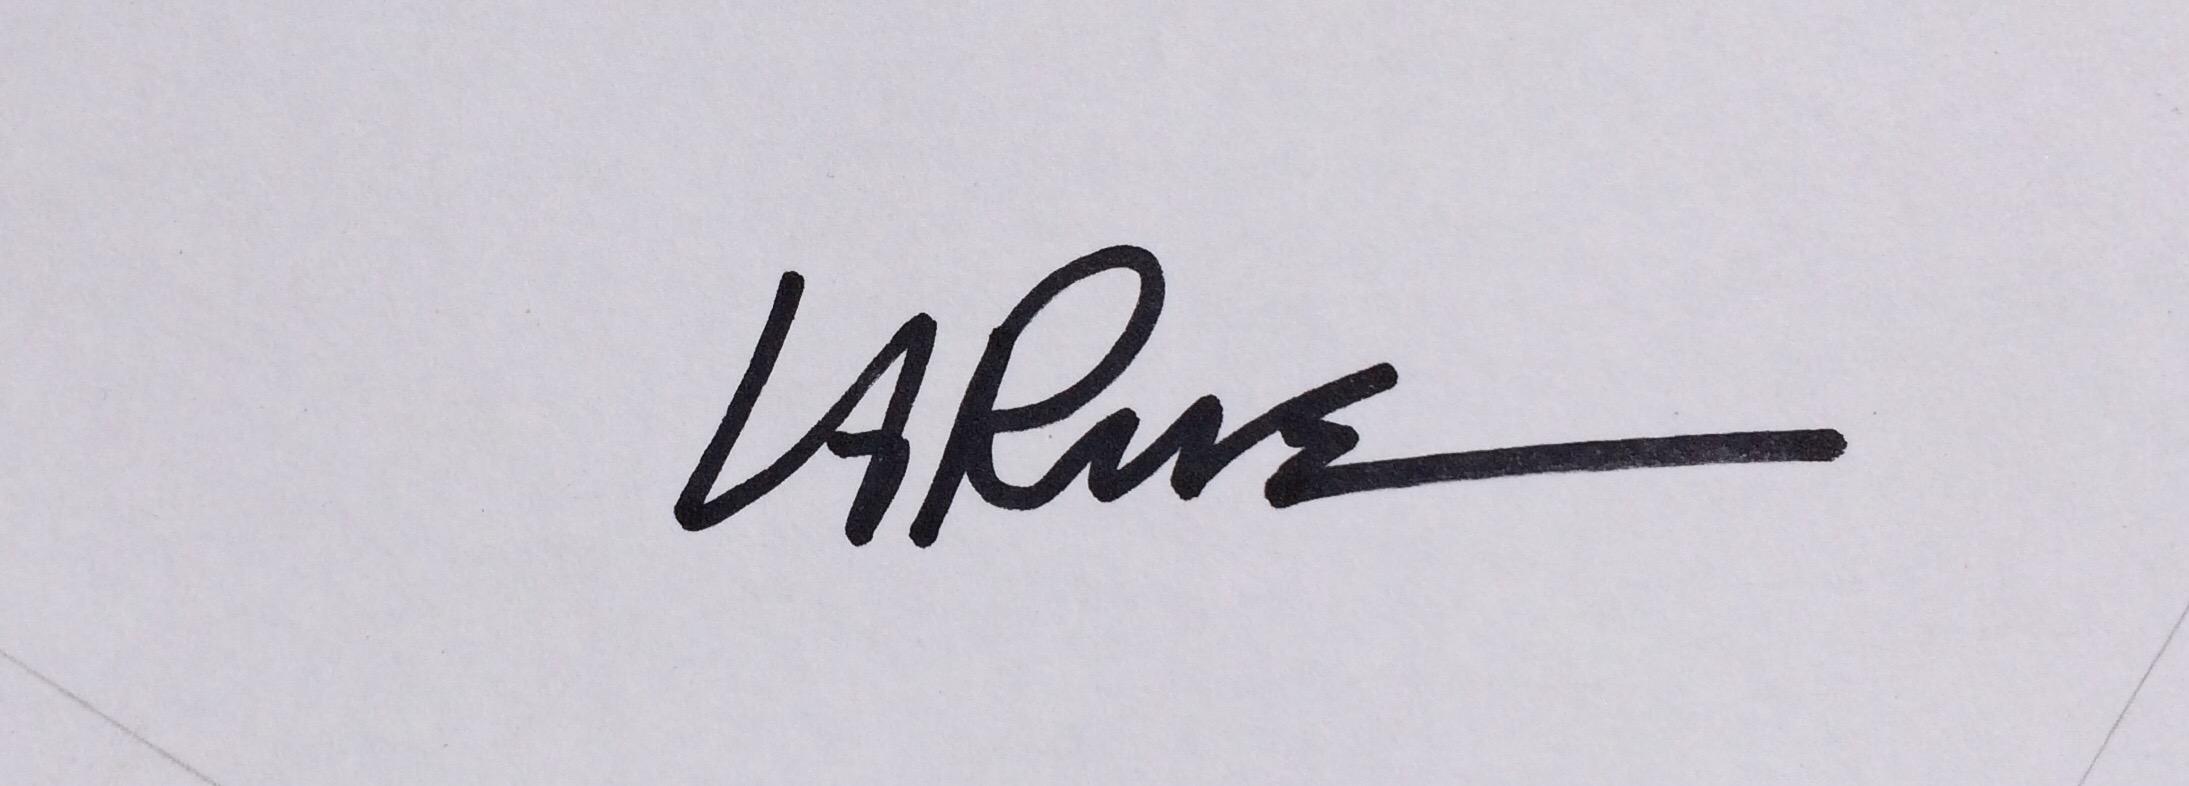 Ron LaRue Signature